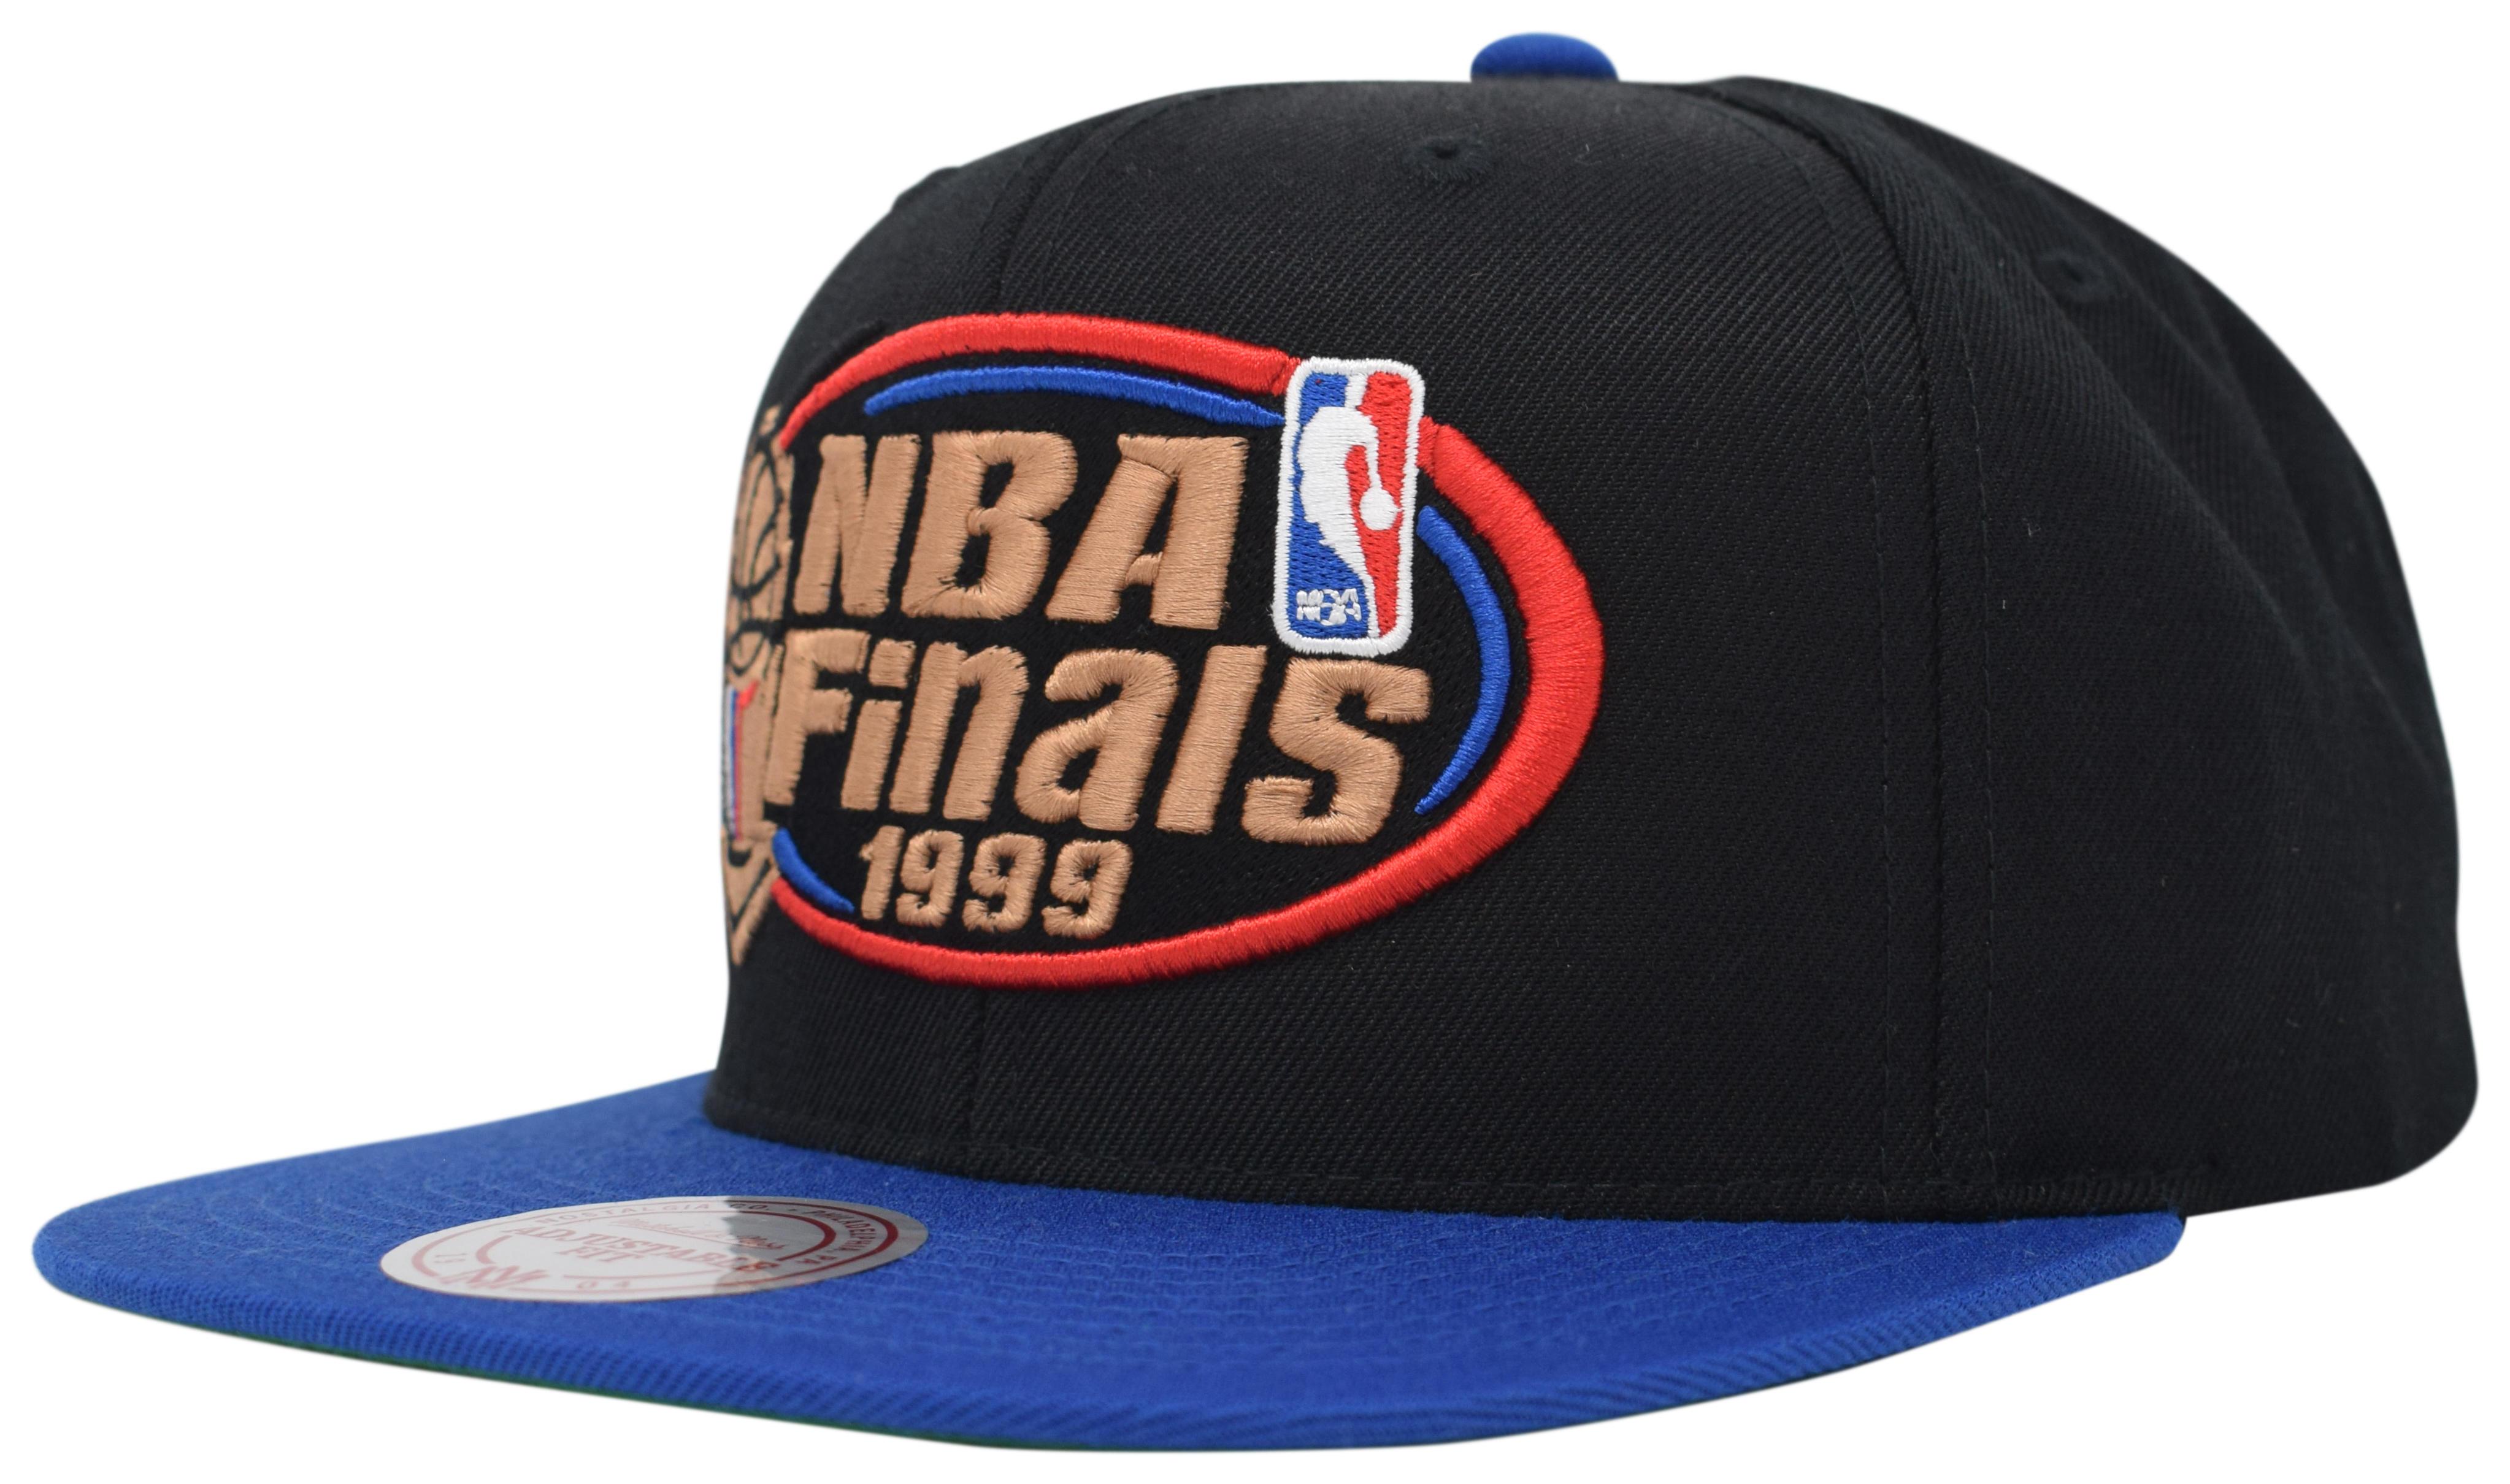 new product d99d5 27124 Mitchell   Ness   NBA Finals Cap - New York Knicks 1999